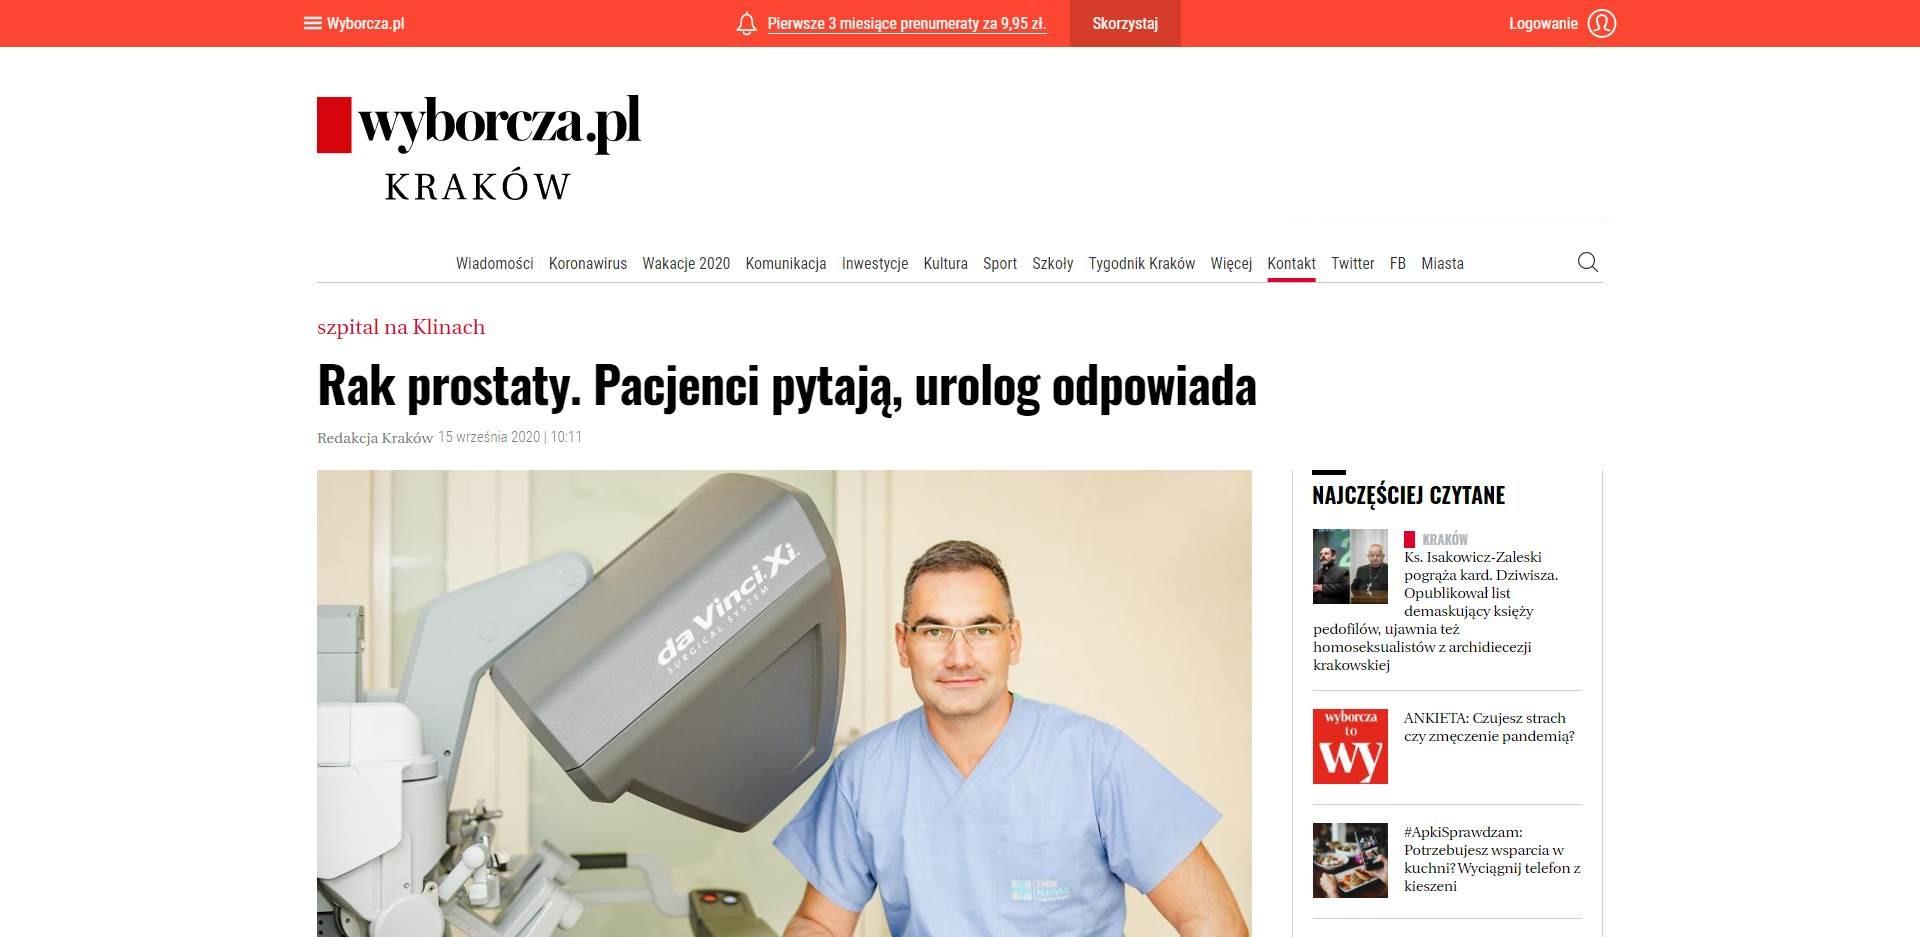 rak prostaty pacjenci pytaja urolog odpowiada